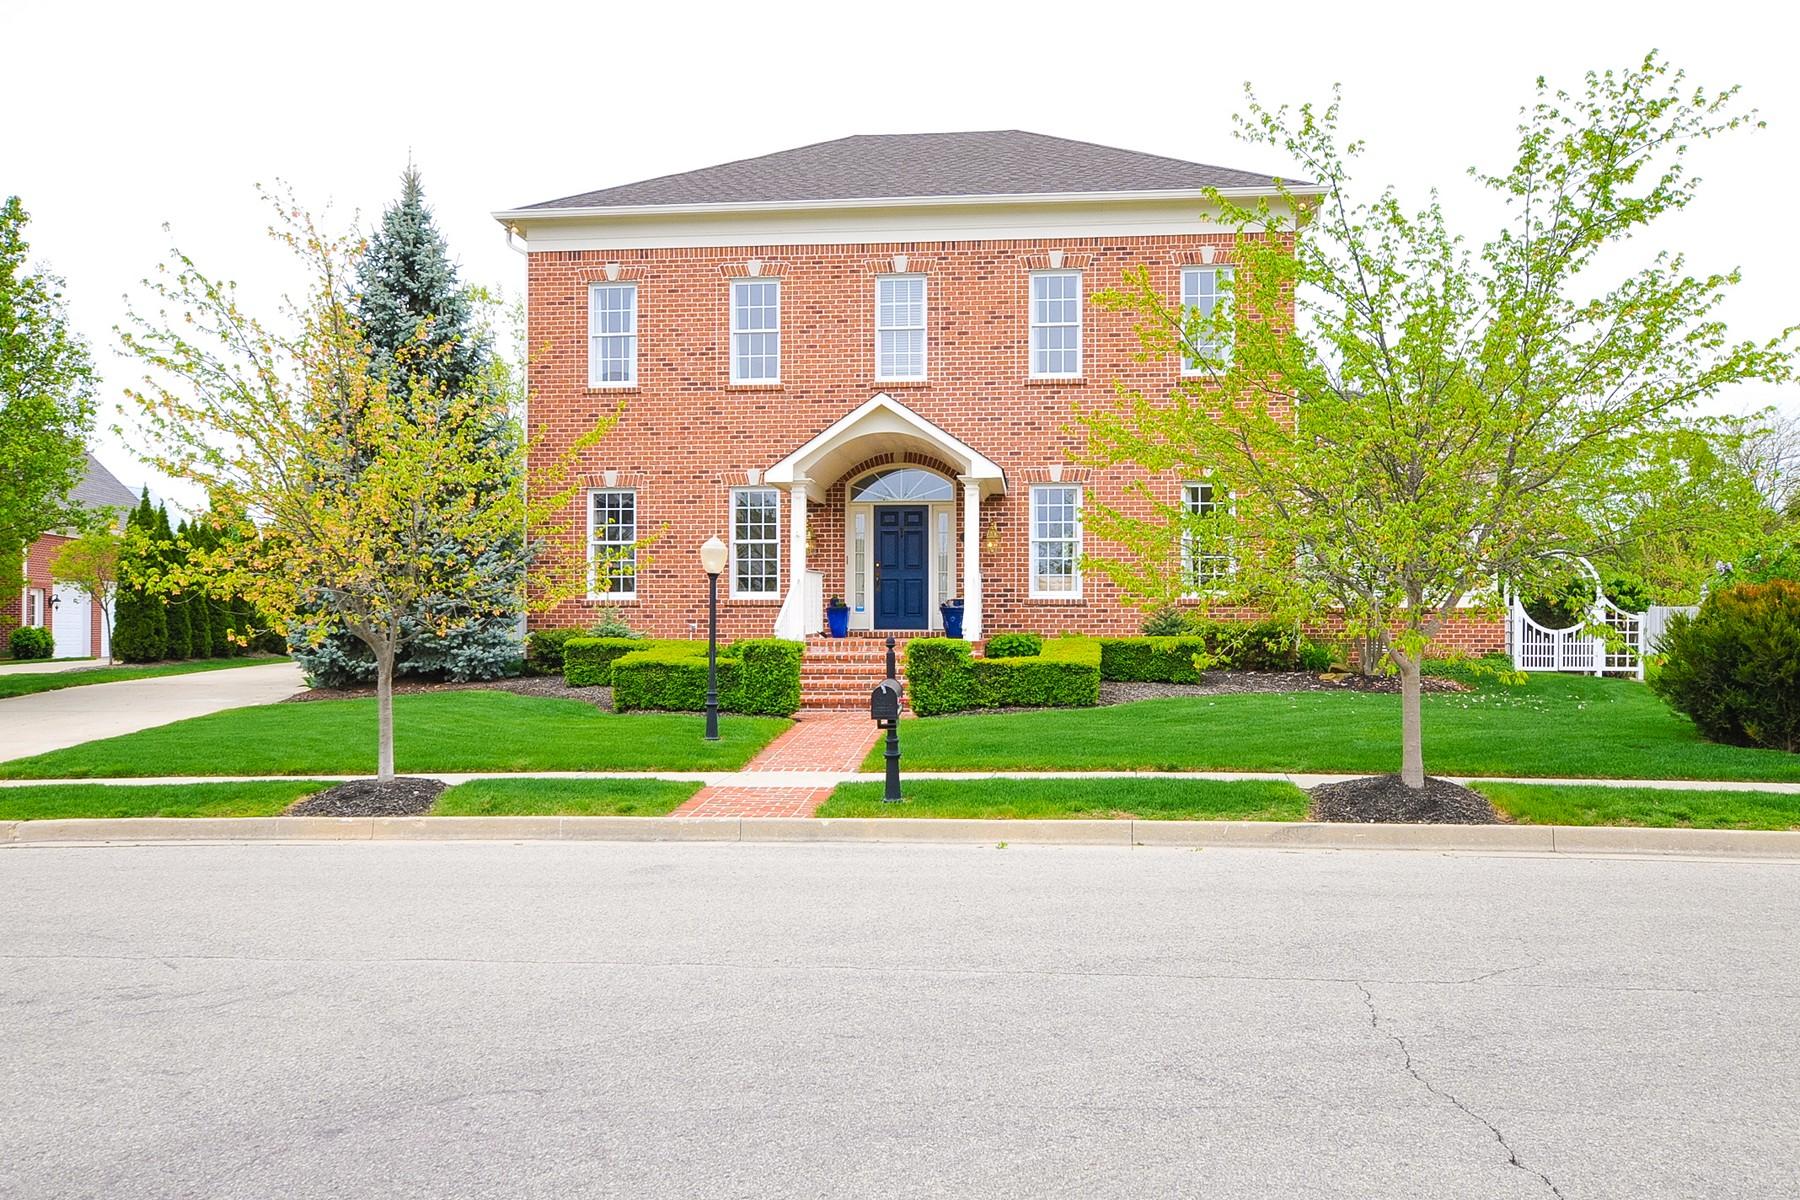 단독 가정 주택 용 매매 에 Immaculate Village of WestClay Home 1886 Broughton Street Carmel, 인디애나, 46032 미국